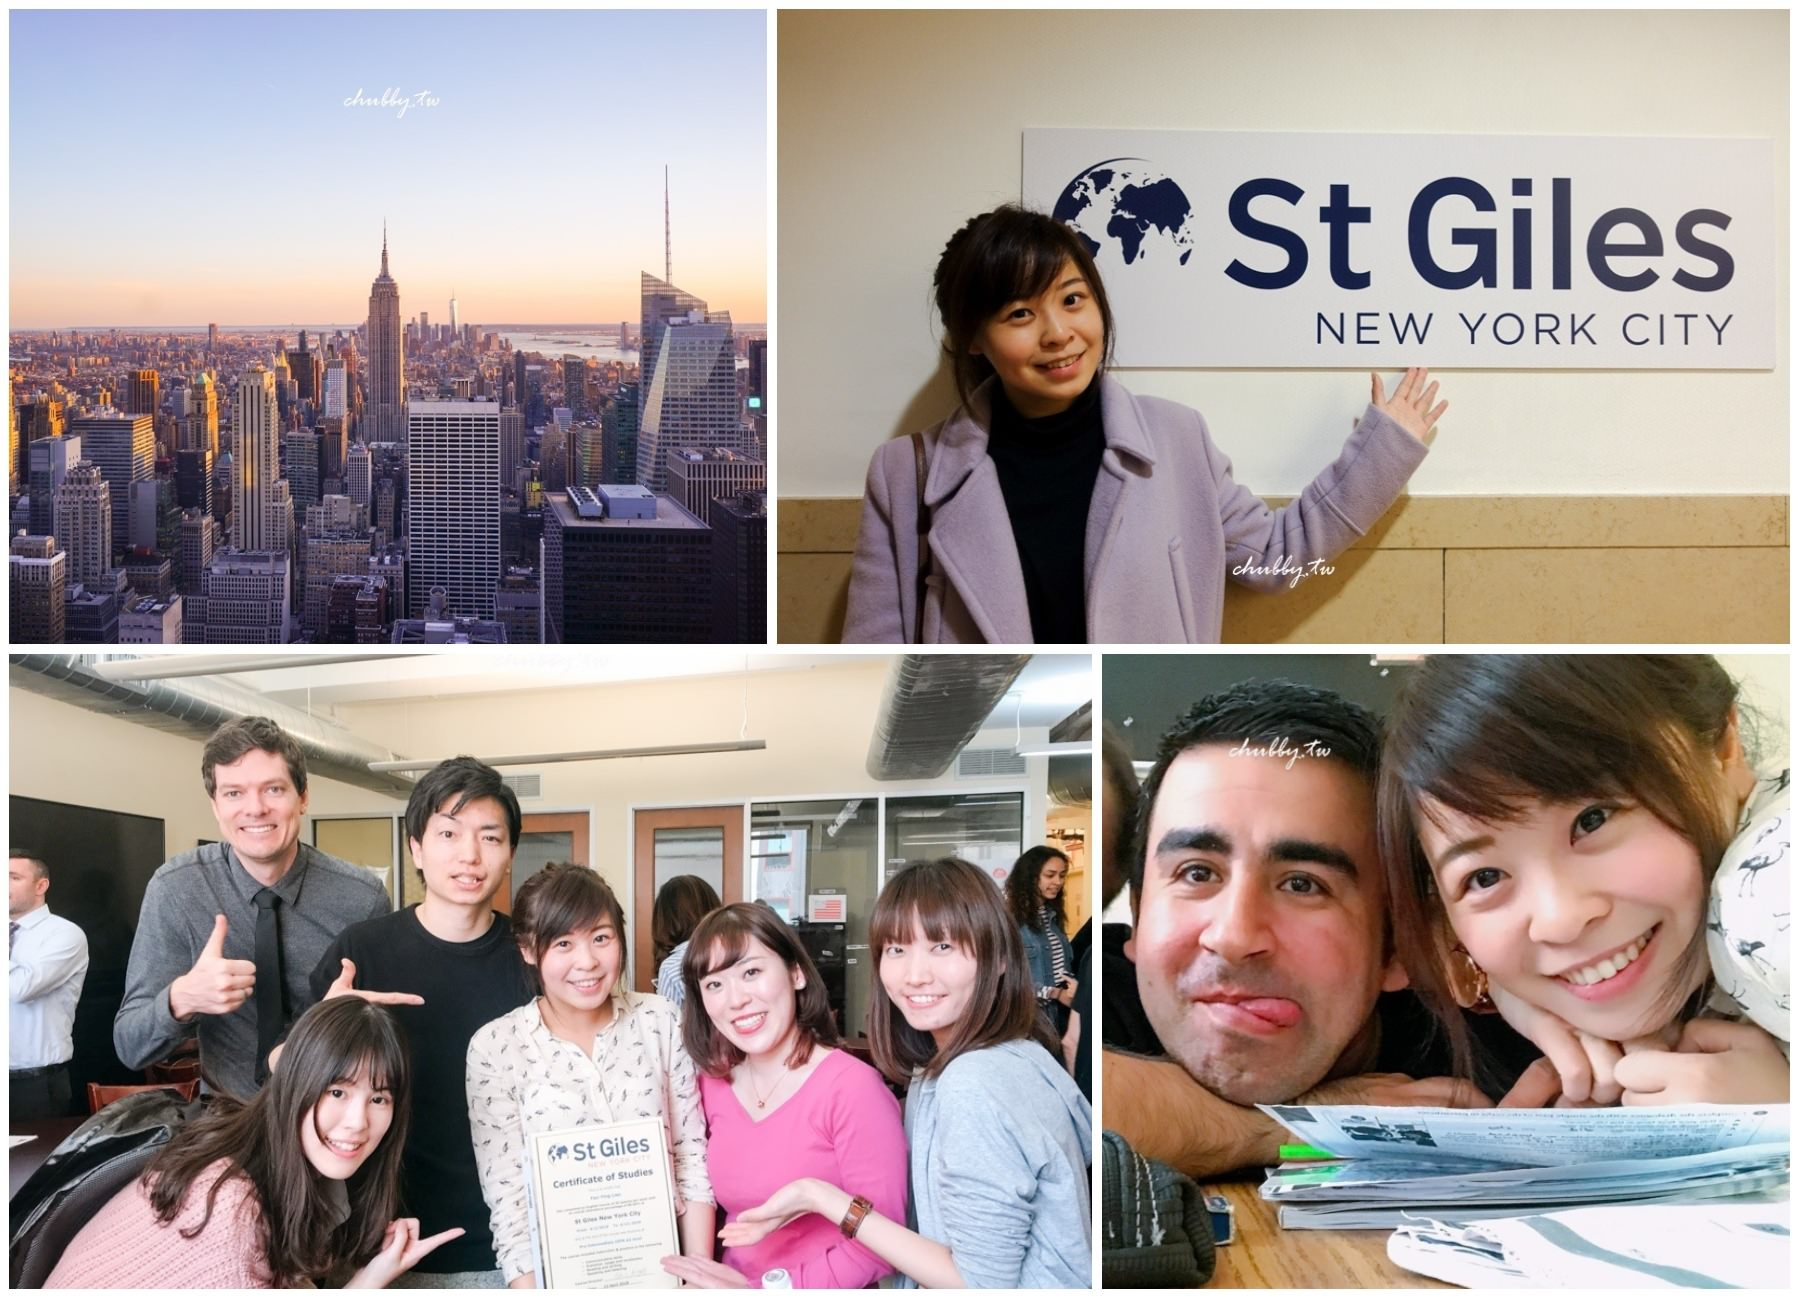 美國紐約遊學│英國女王也愛的學校! │我在紐約語言學校St Giles一個月的生活